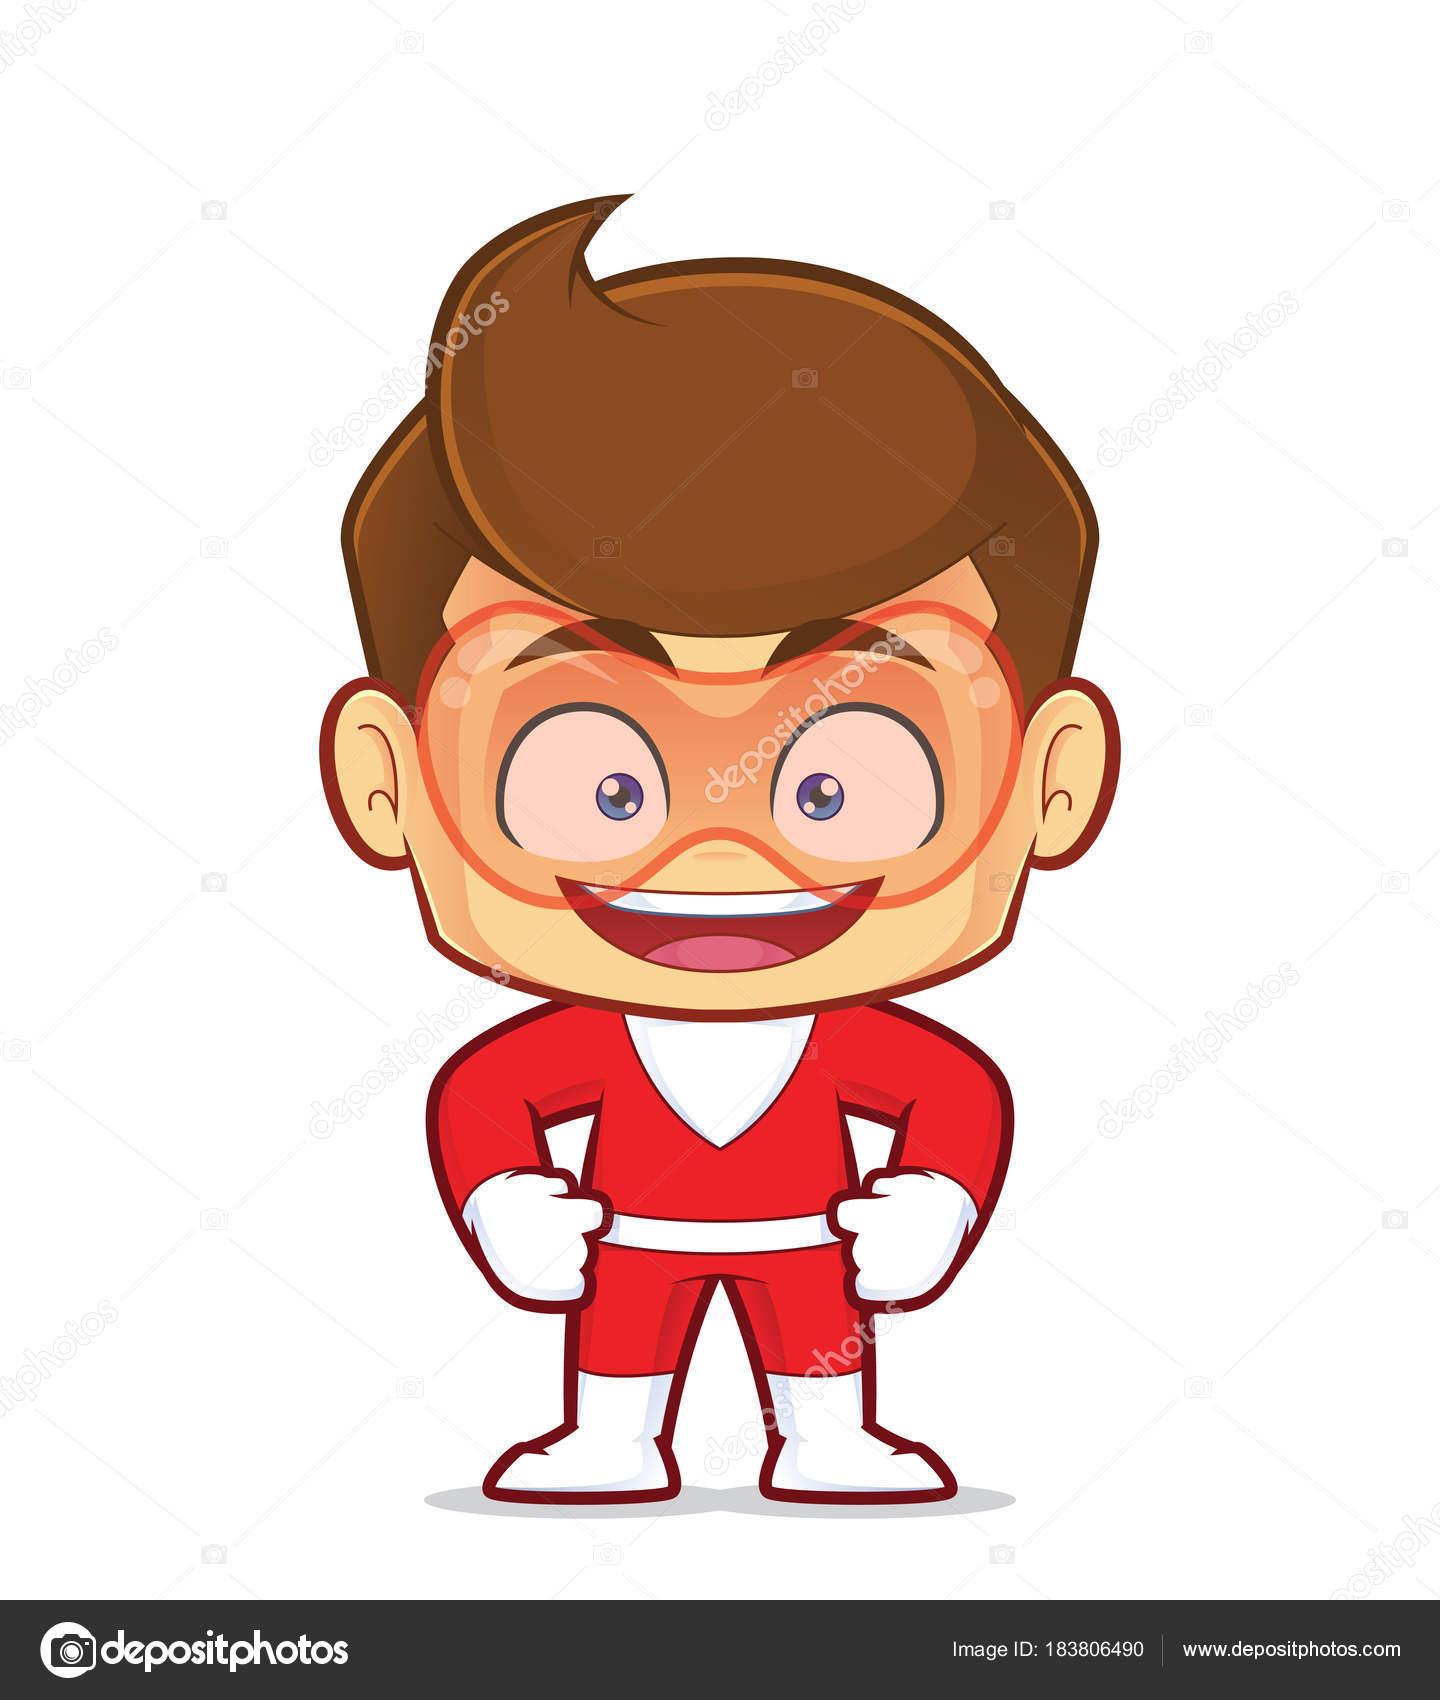 笑顔のスーパー ヒーロー漫画のキャラクターのクリップアート画像